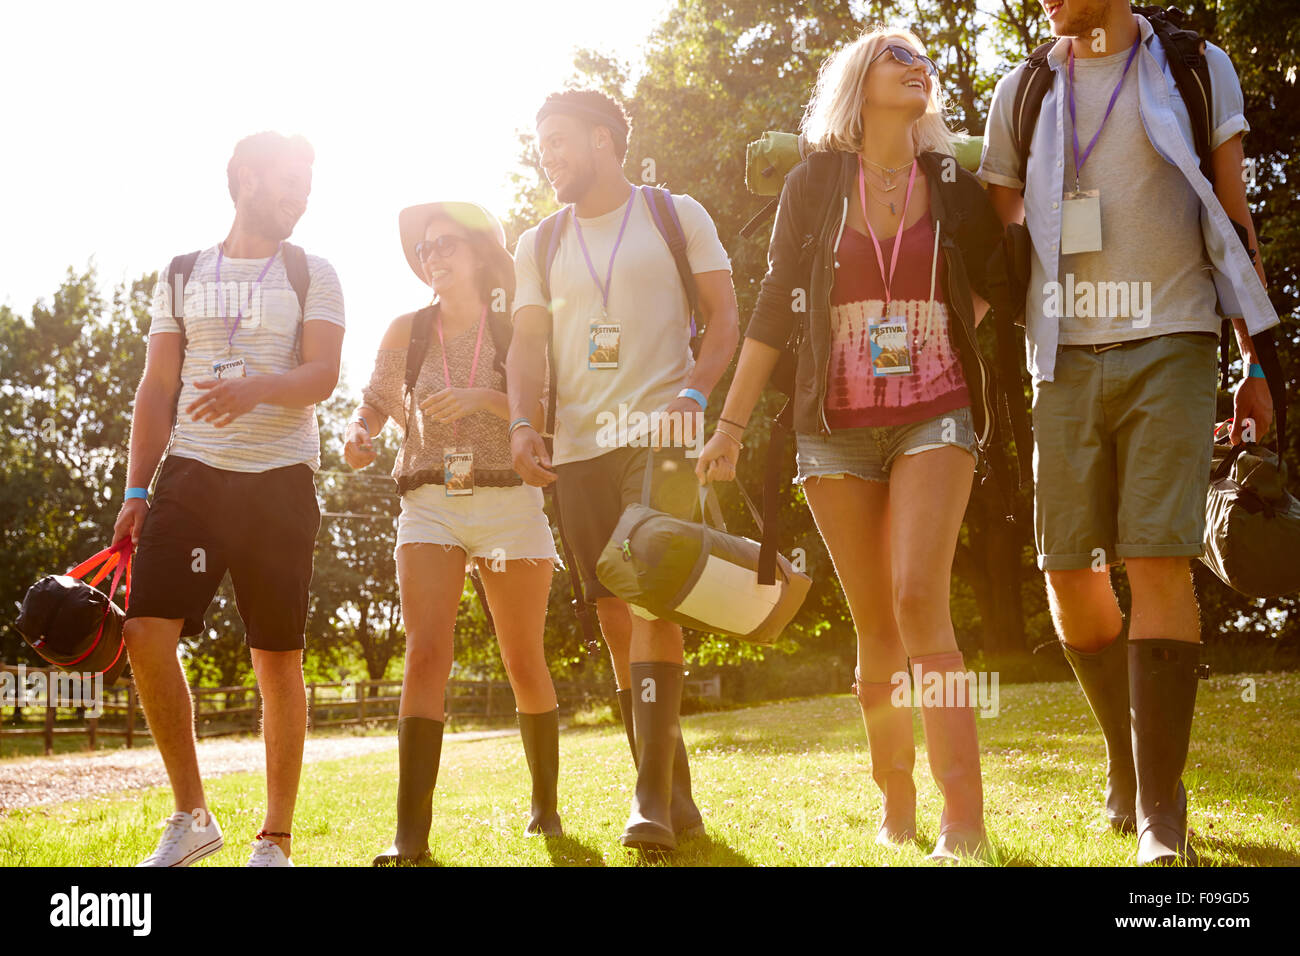 Gruppe junger Menschen gehen Camping beim Musikfestival Stockbild